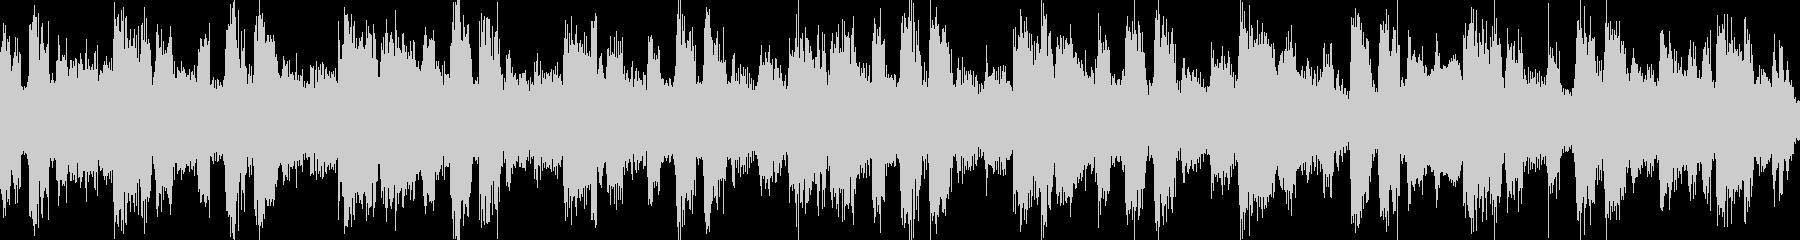 ループ:重い雰囲気のシーケンス16secの未再生の波形